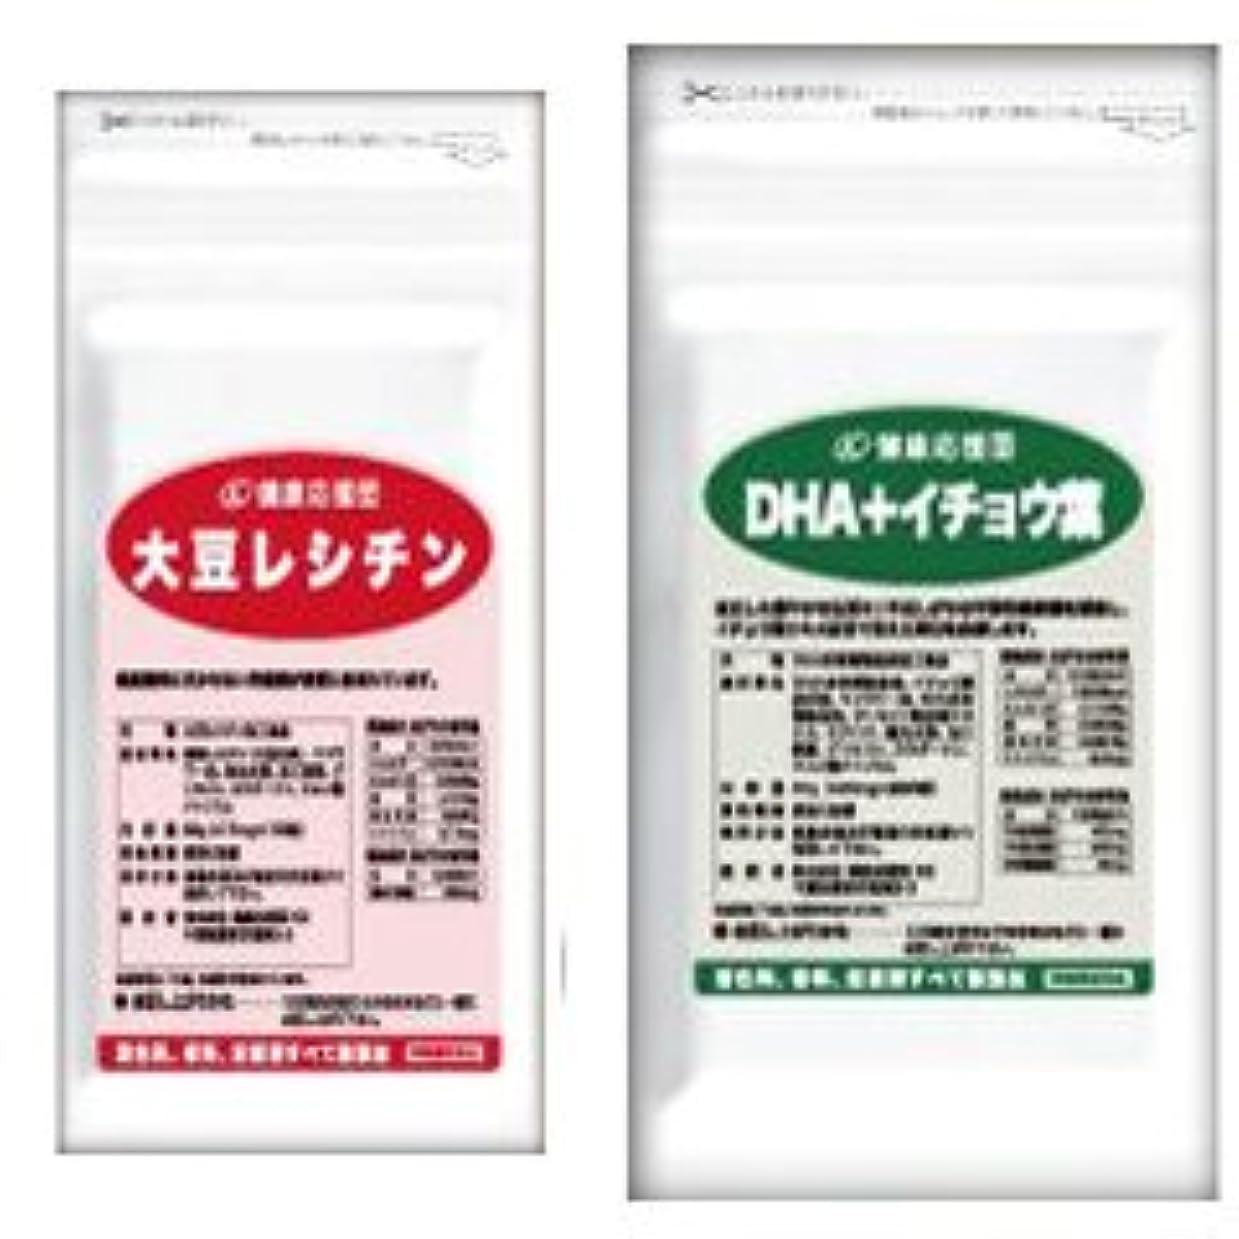 コンベンション経験的方言(お徳用3か月分)流れサラサラセット 大豆レシチン+(DHA+イチョウ葉)3袋&3袋セット(DHA?EPA?イチョウ葉)